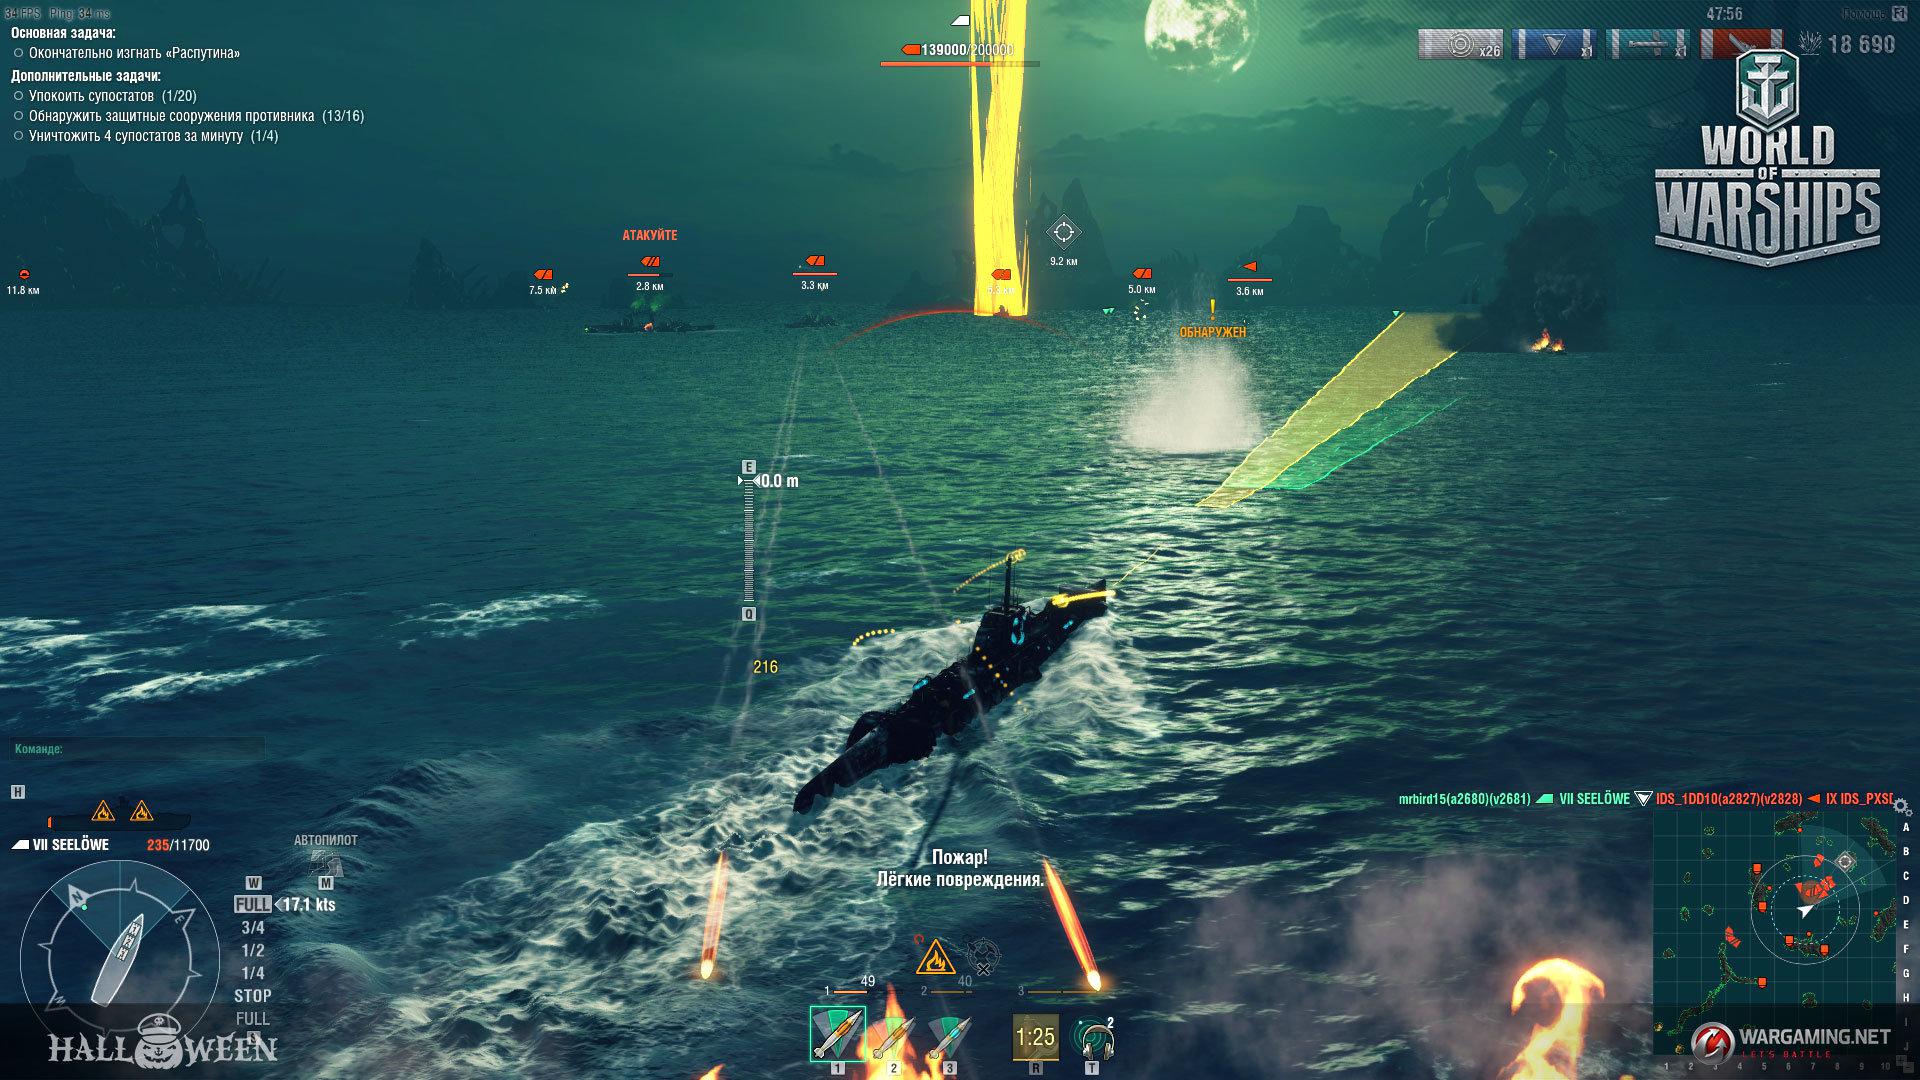 Gameplay-Szenen des Halloween-Events mit U-Booten.